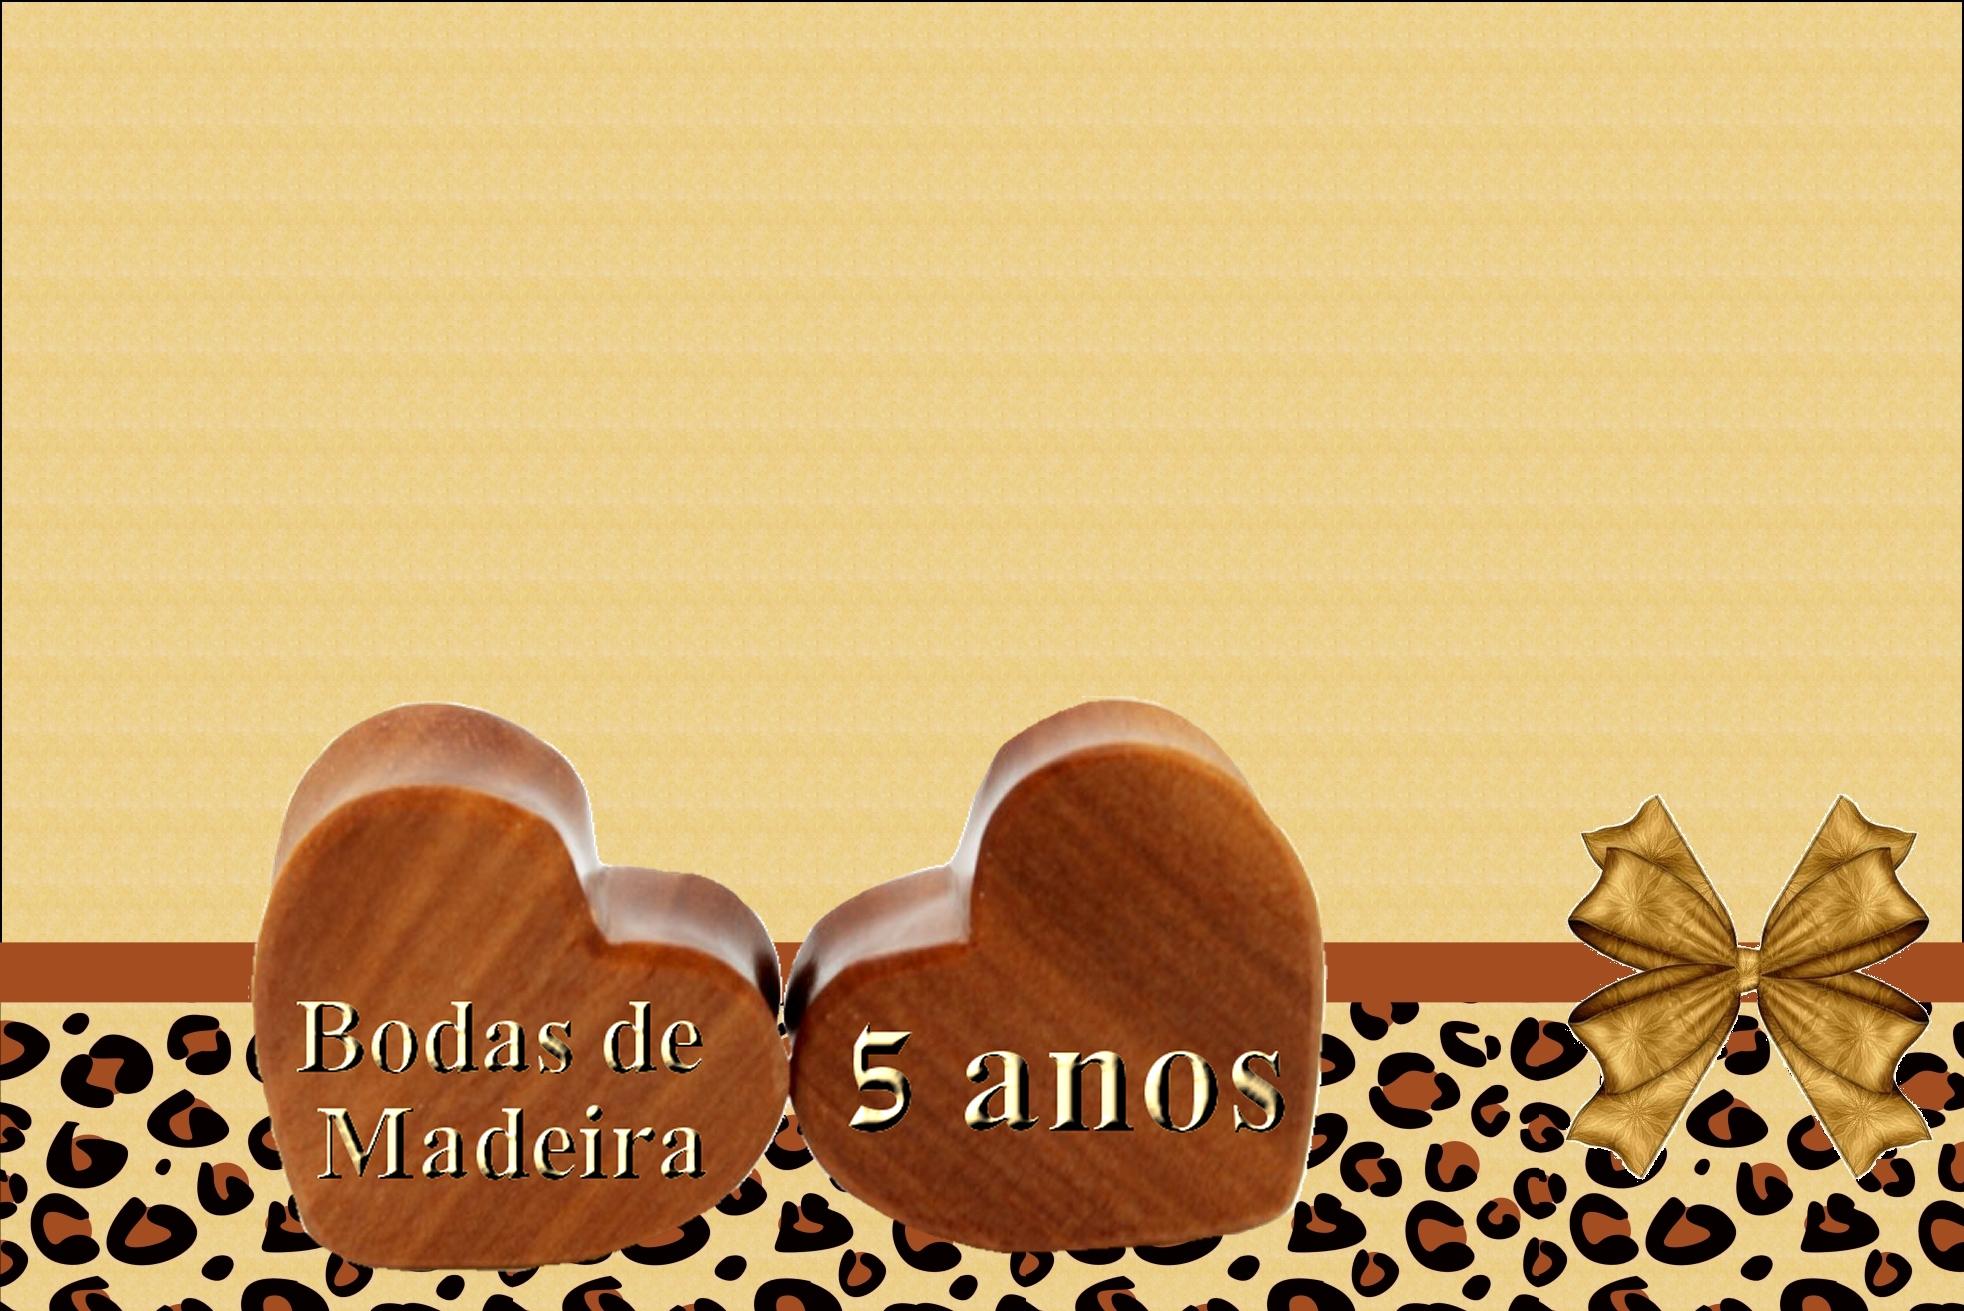 Bodas De Madeira 40 Fotos Decoração Mensagens E Como Organizar